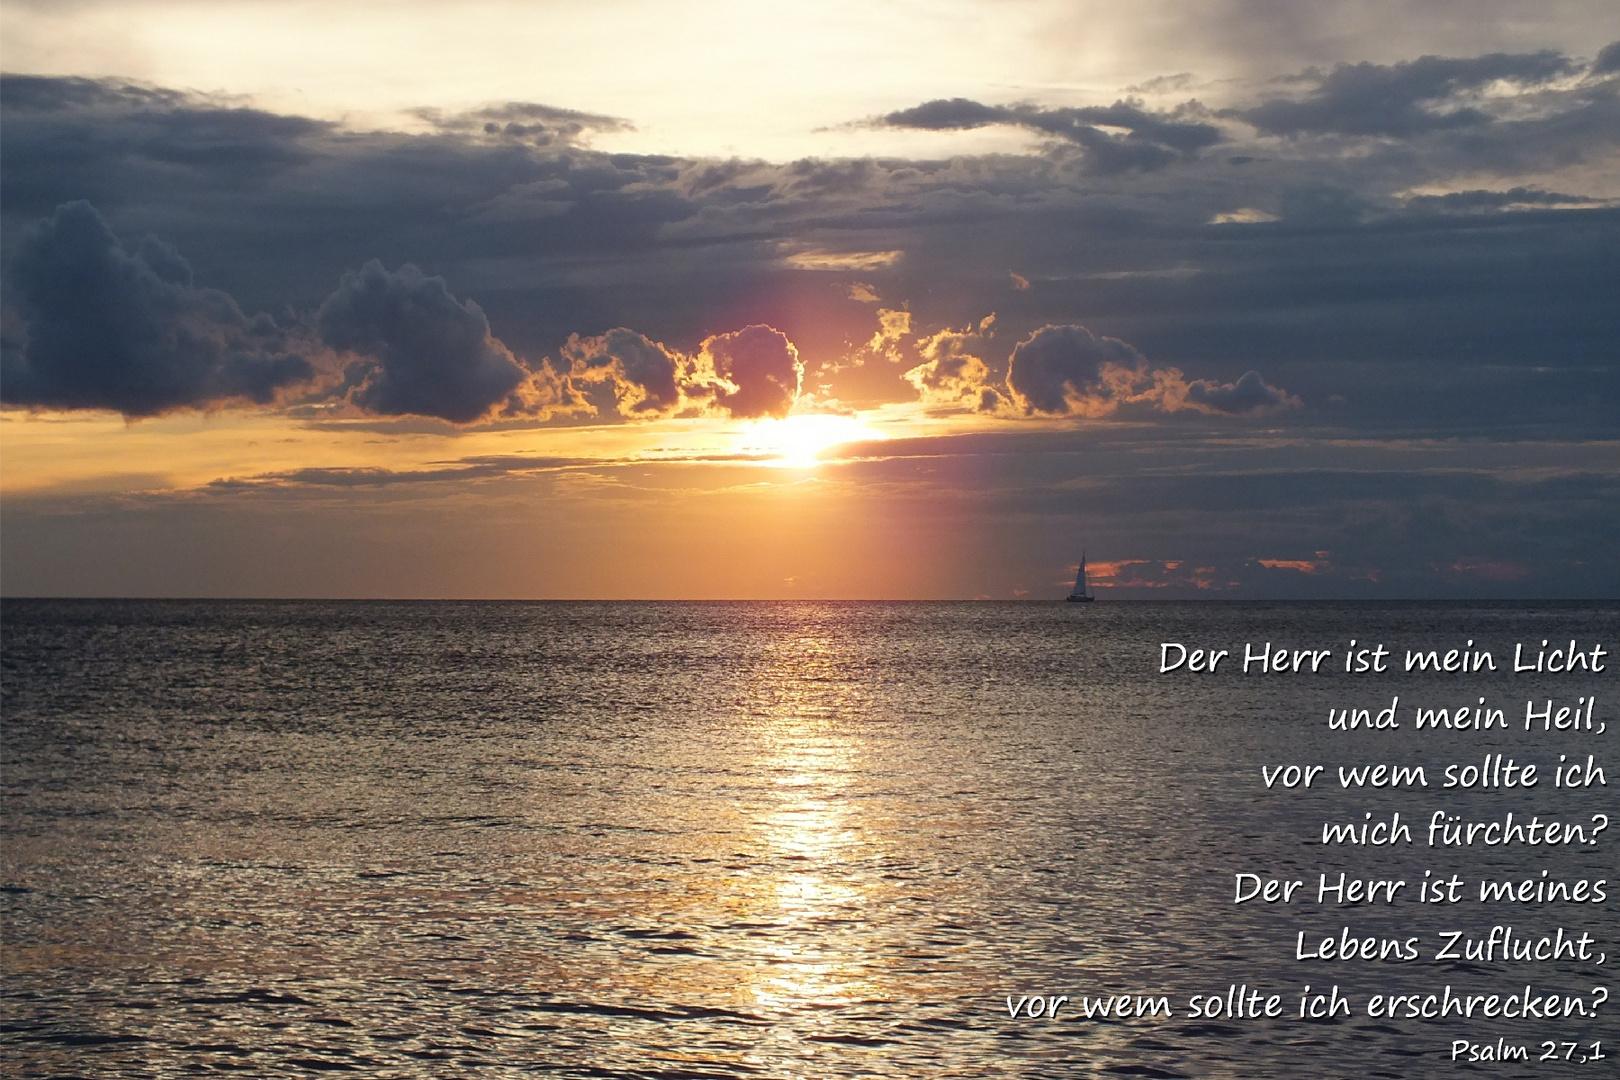 Sonnenuntergang Kroatien.....Psalm 27,1